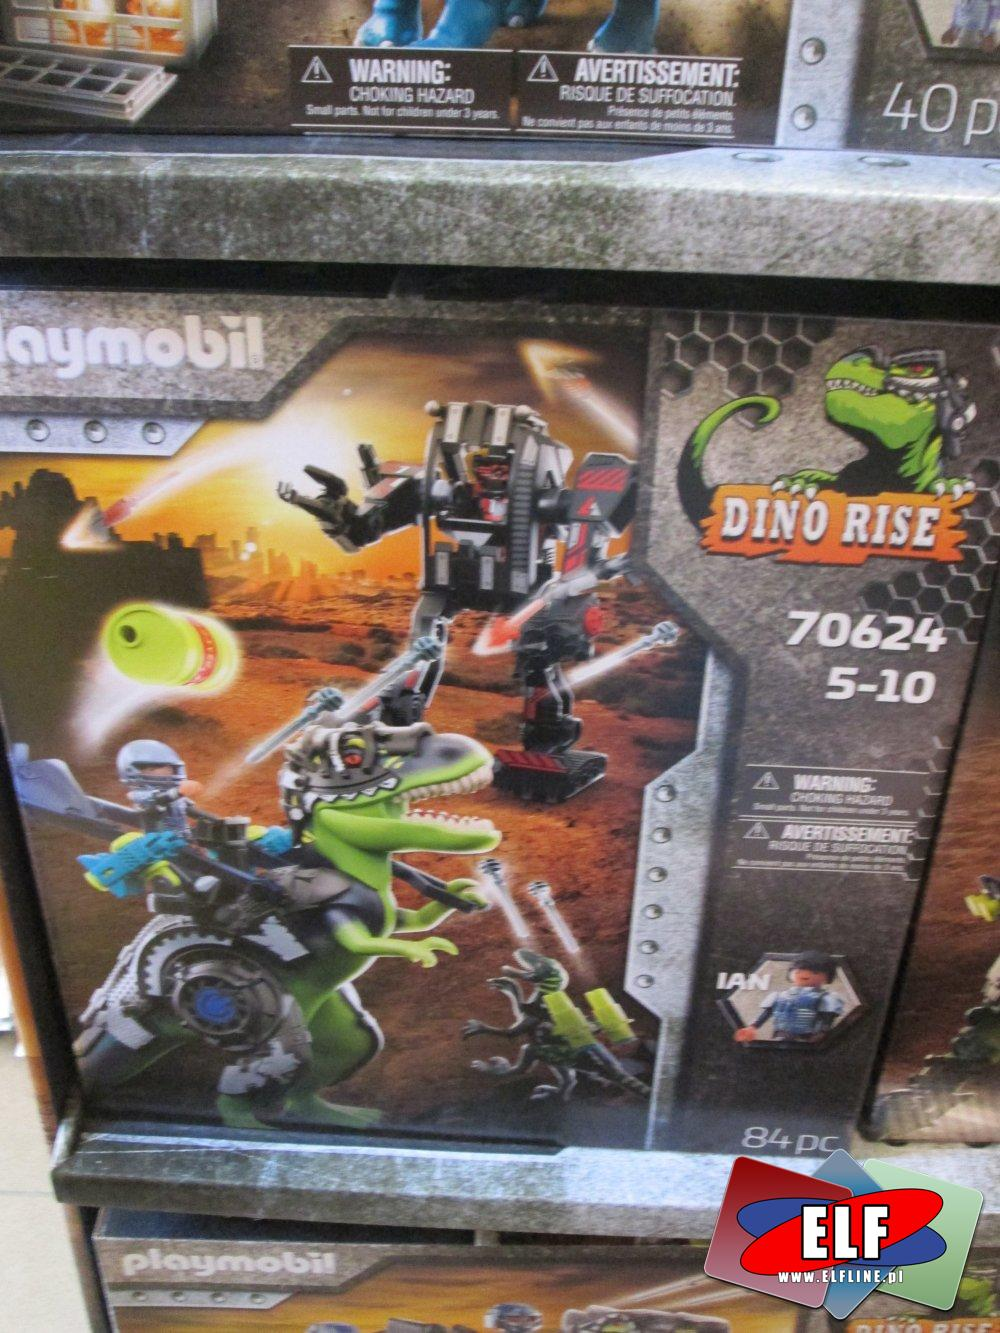 Playmobil Dino Rise, 70628, 70627, 70624, 70629, 70693, klocki